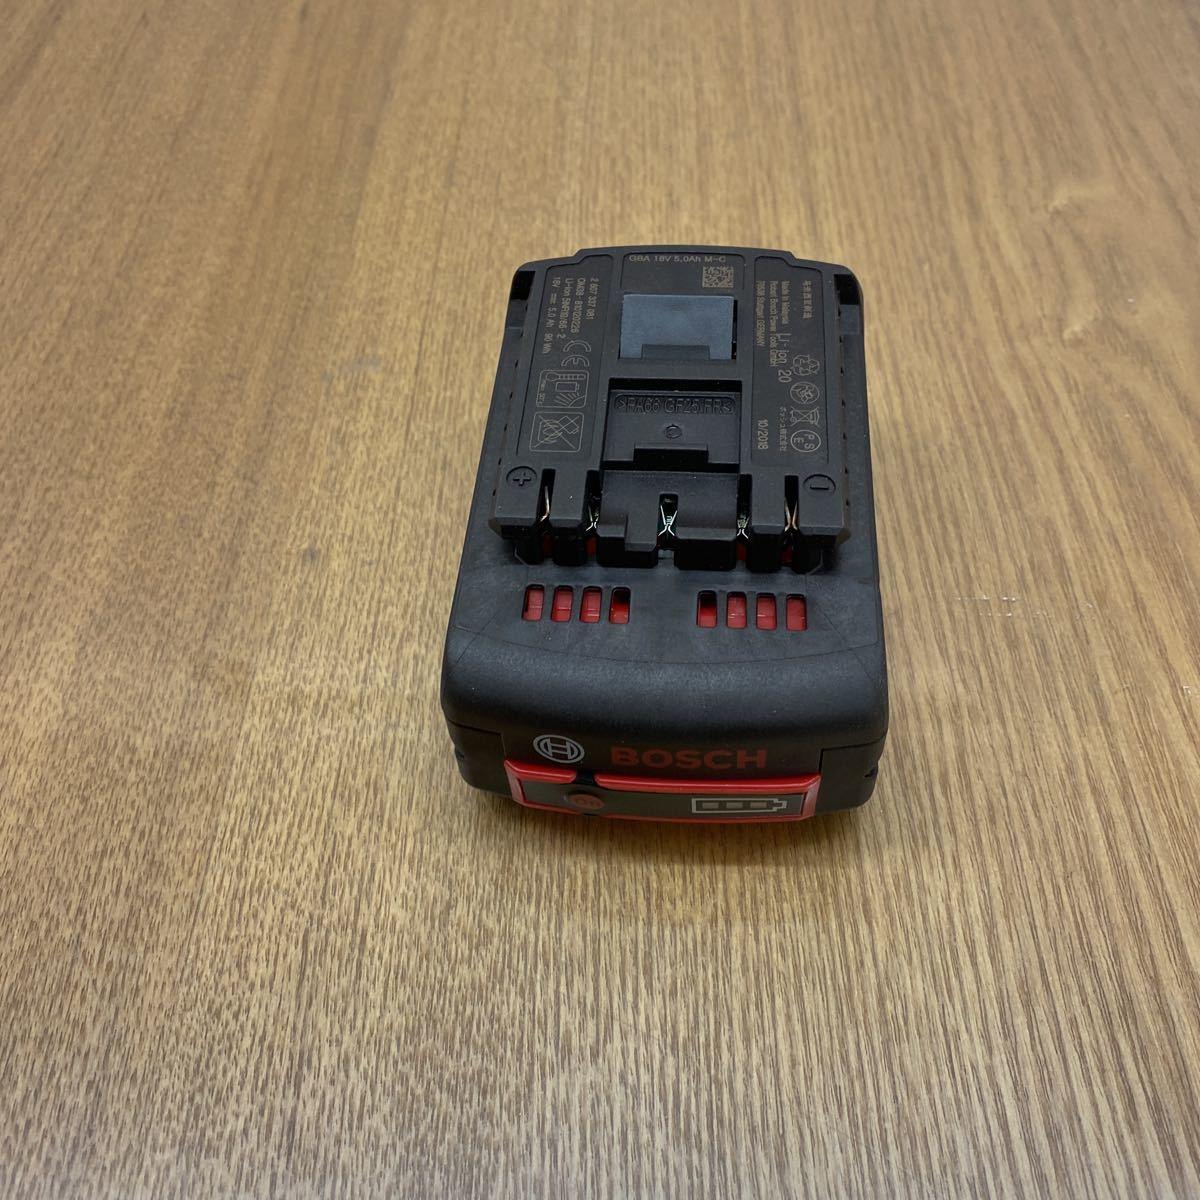 ボッシュ 18V リチウムイオンバッテリー 18V 5.0Ah BOSCH 新品_画像3